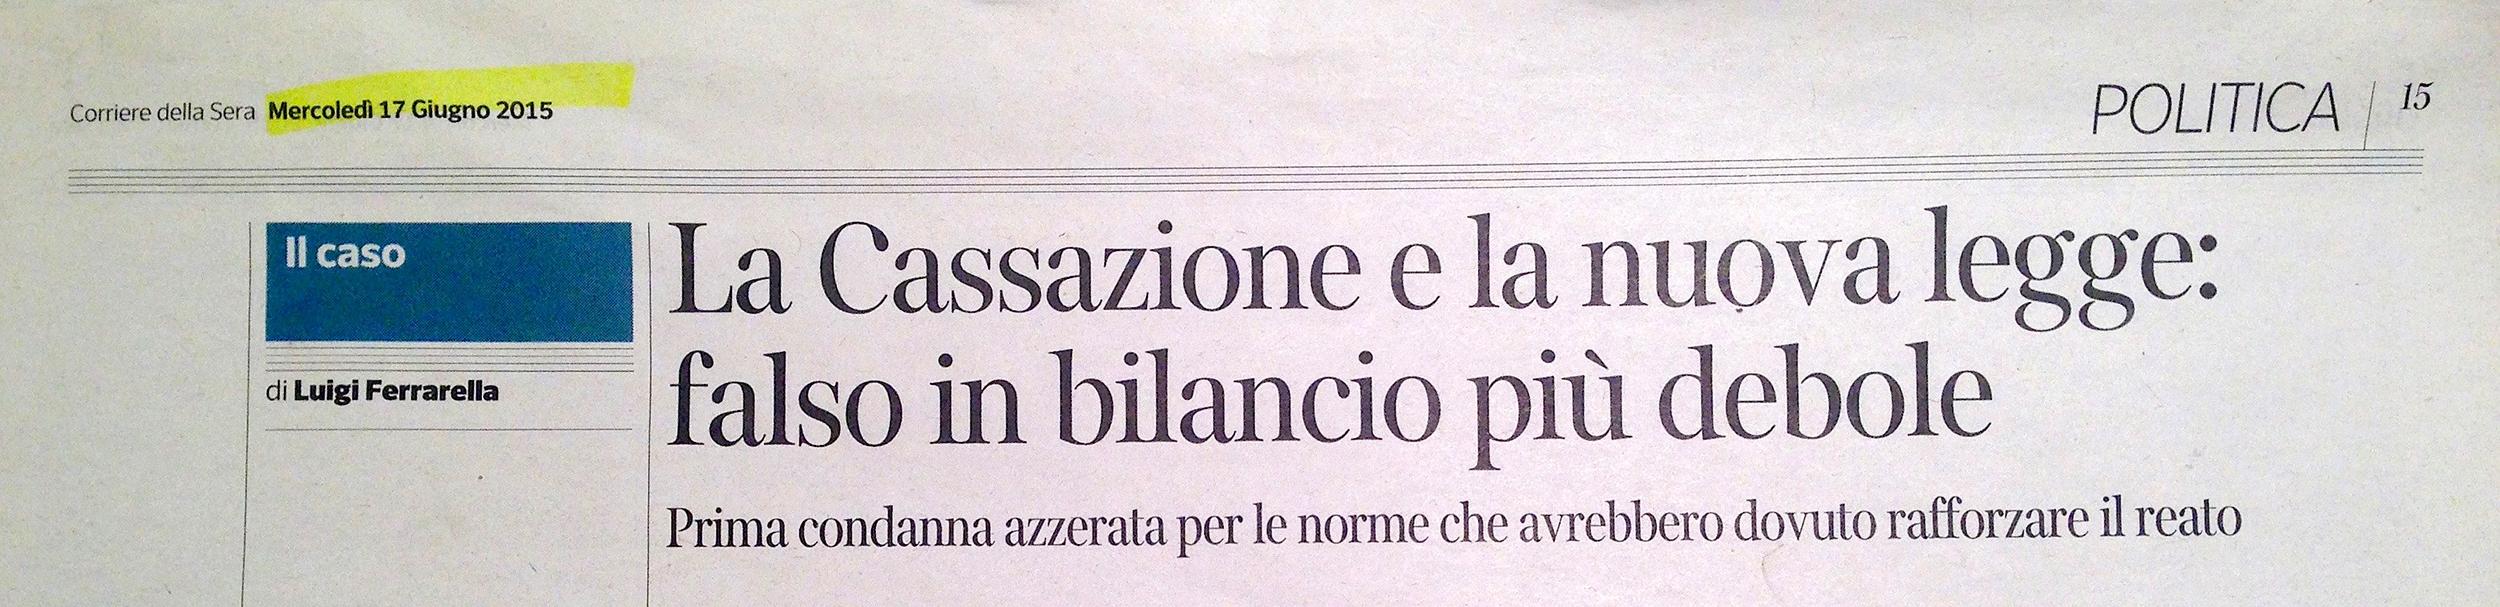 Corriere della Sera 17 giugno 2015 Falso in bilancio - sentenza Cassazione